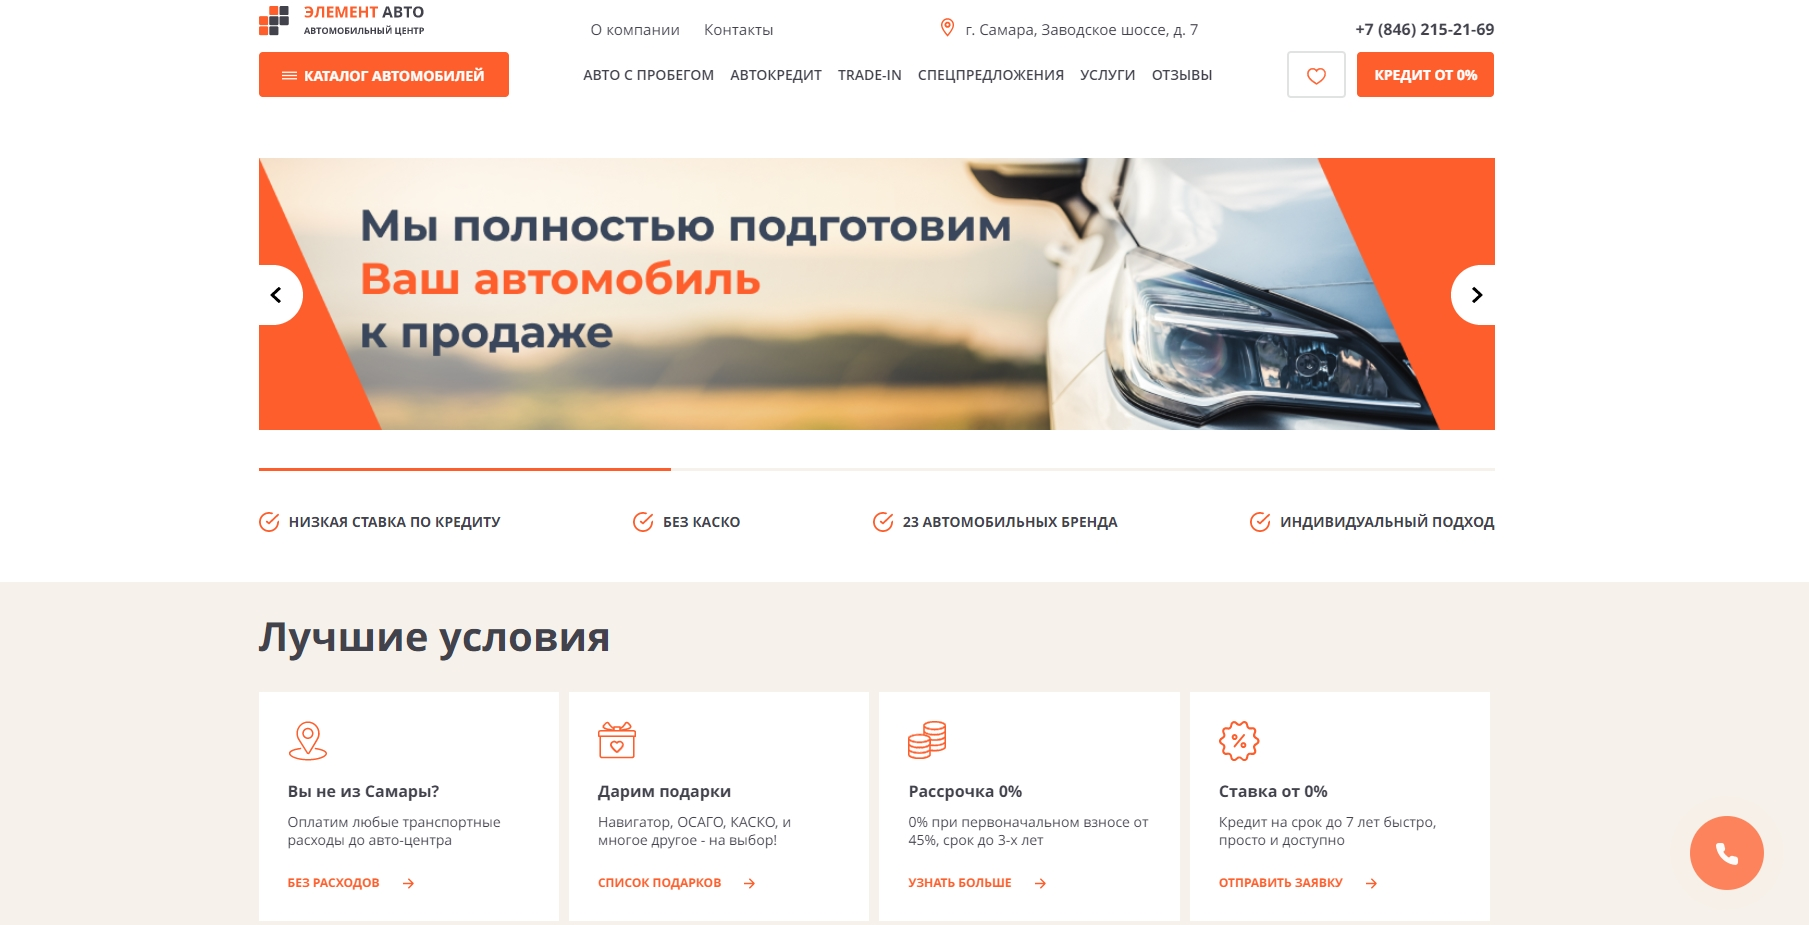 Автосалон Элемент Авто (Самара)